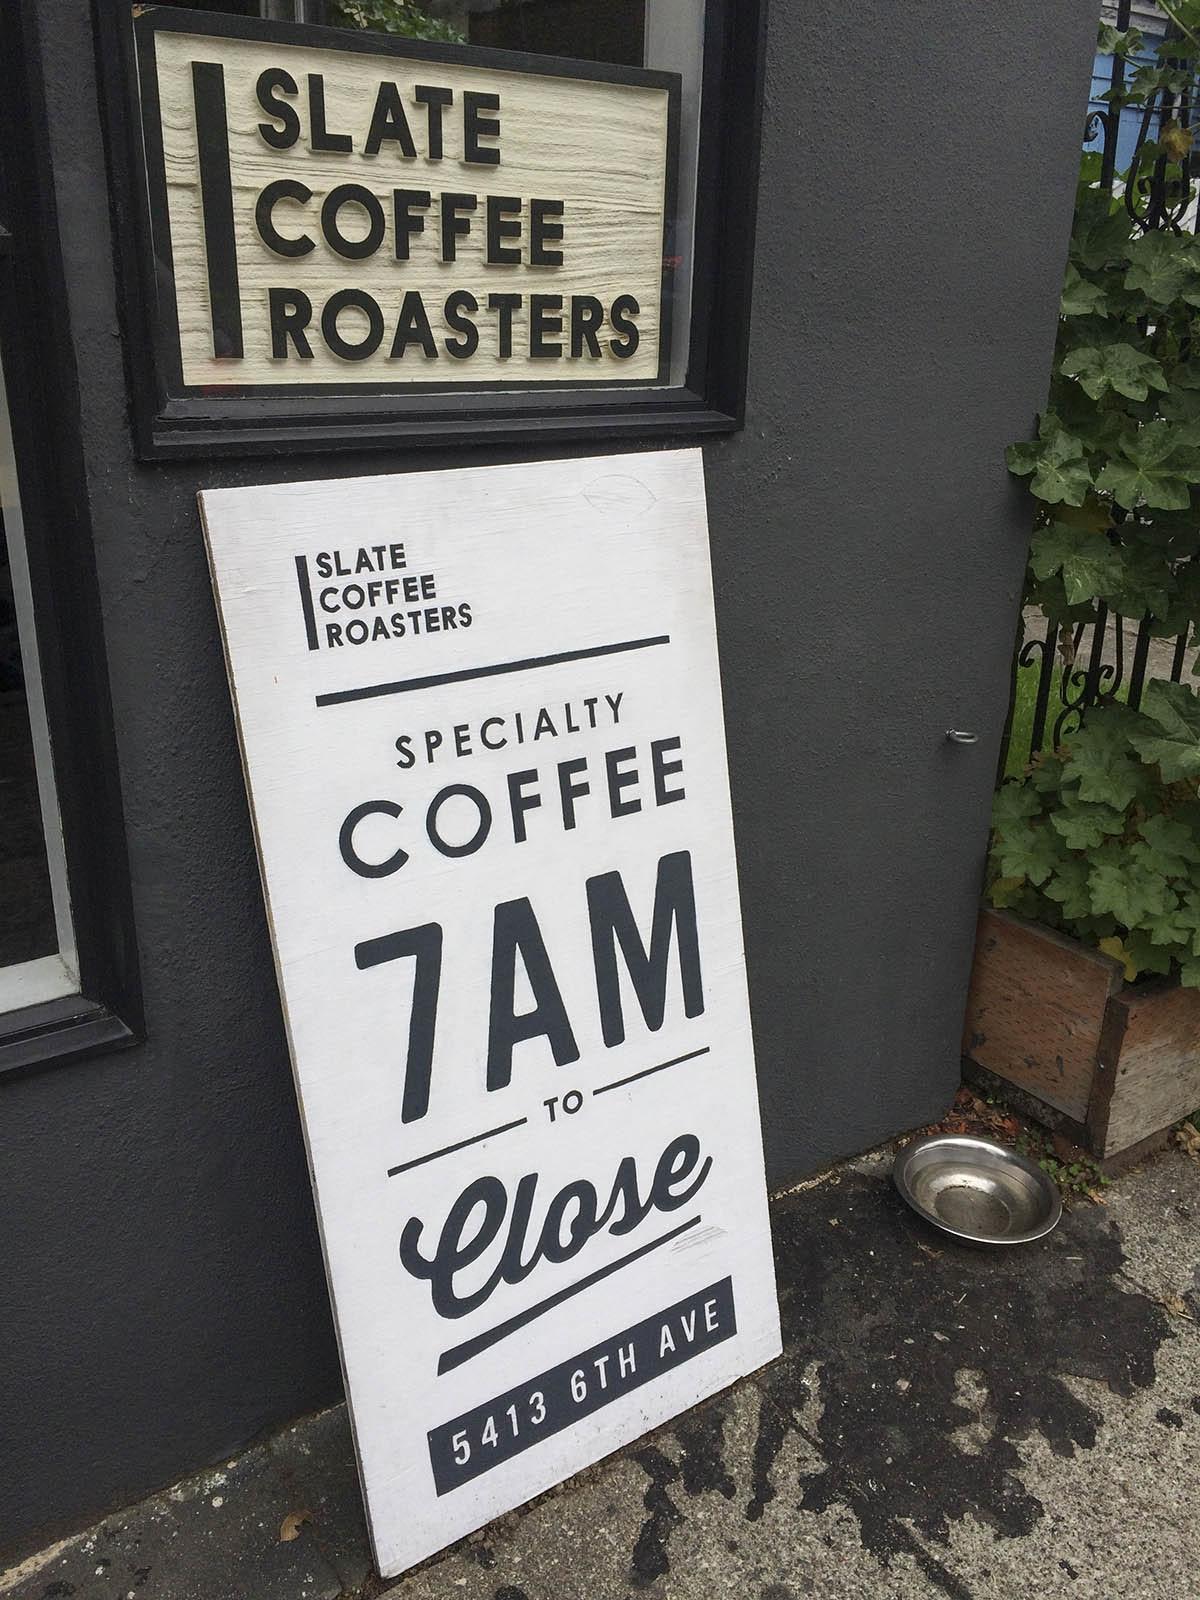 Slate Coffee